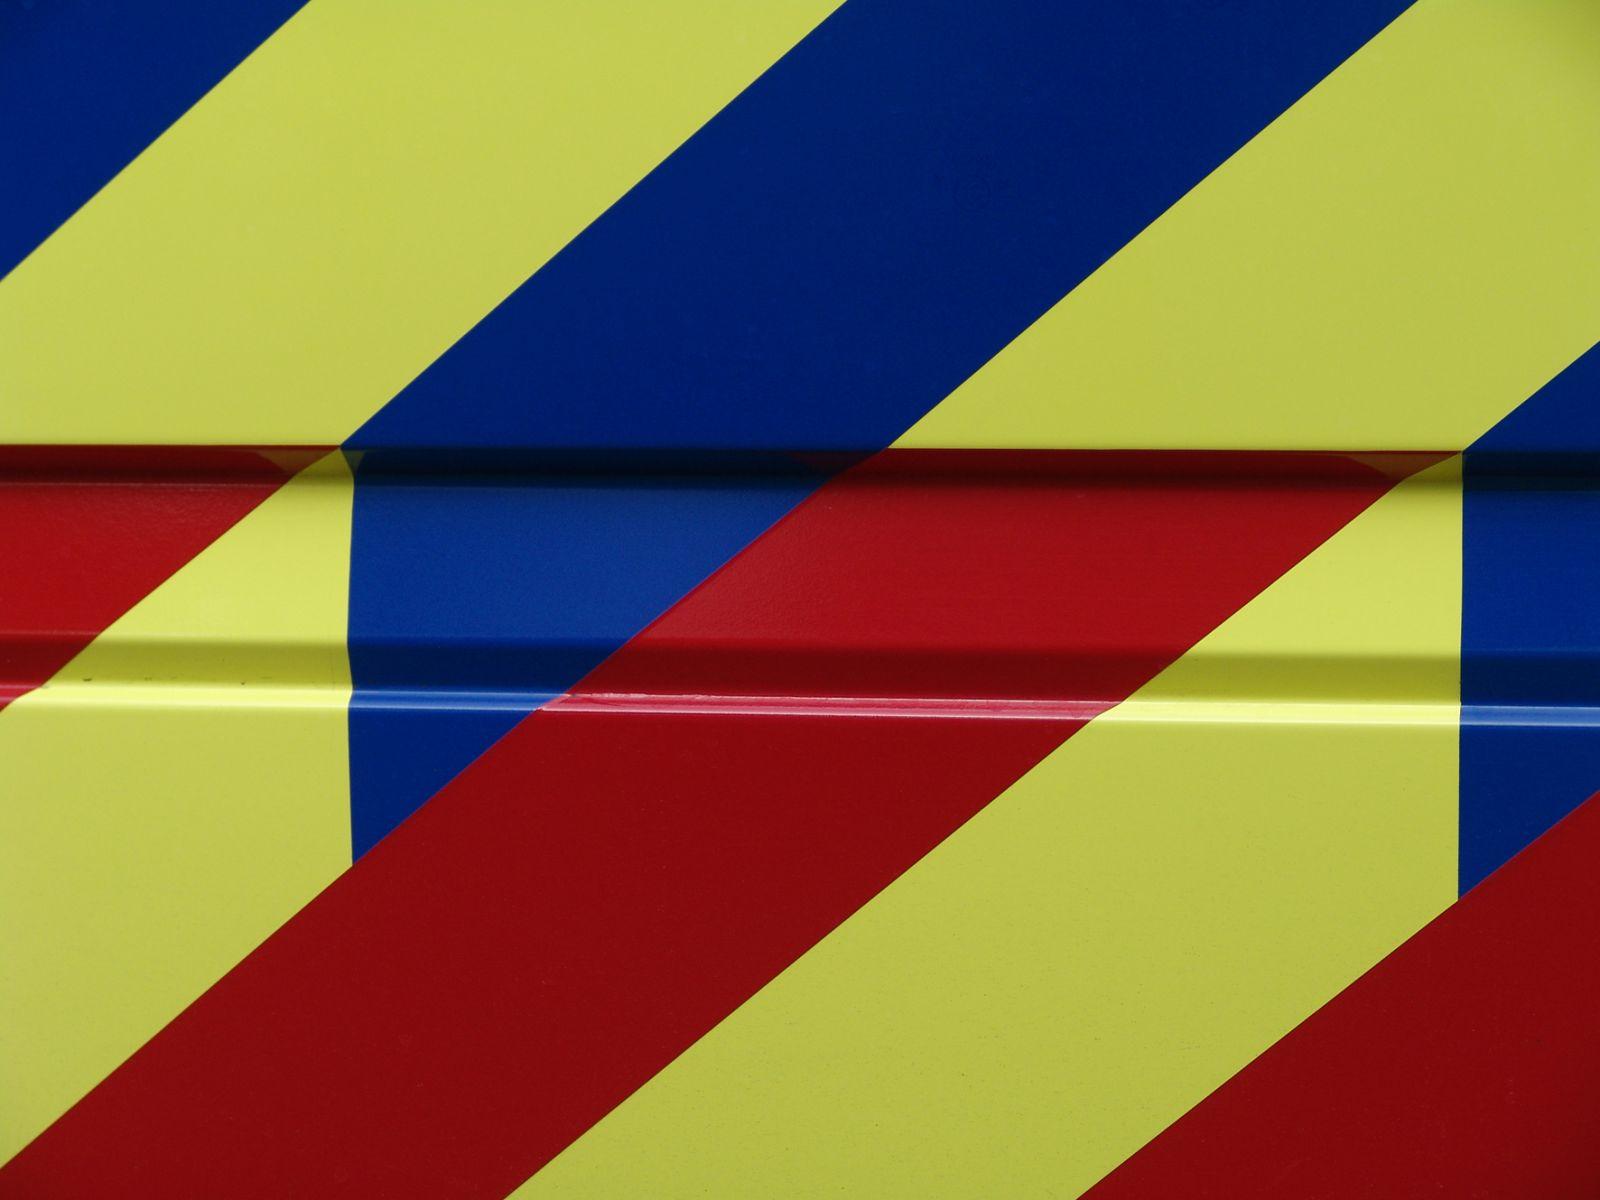 Vragen over aanrijtijd ambulances Krimpenerwaard